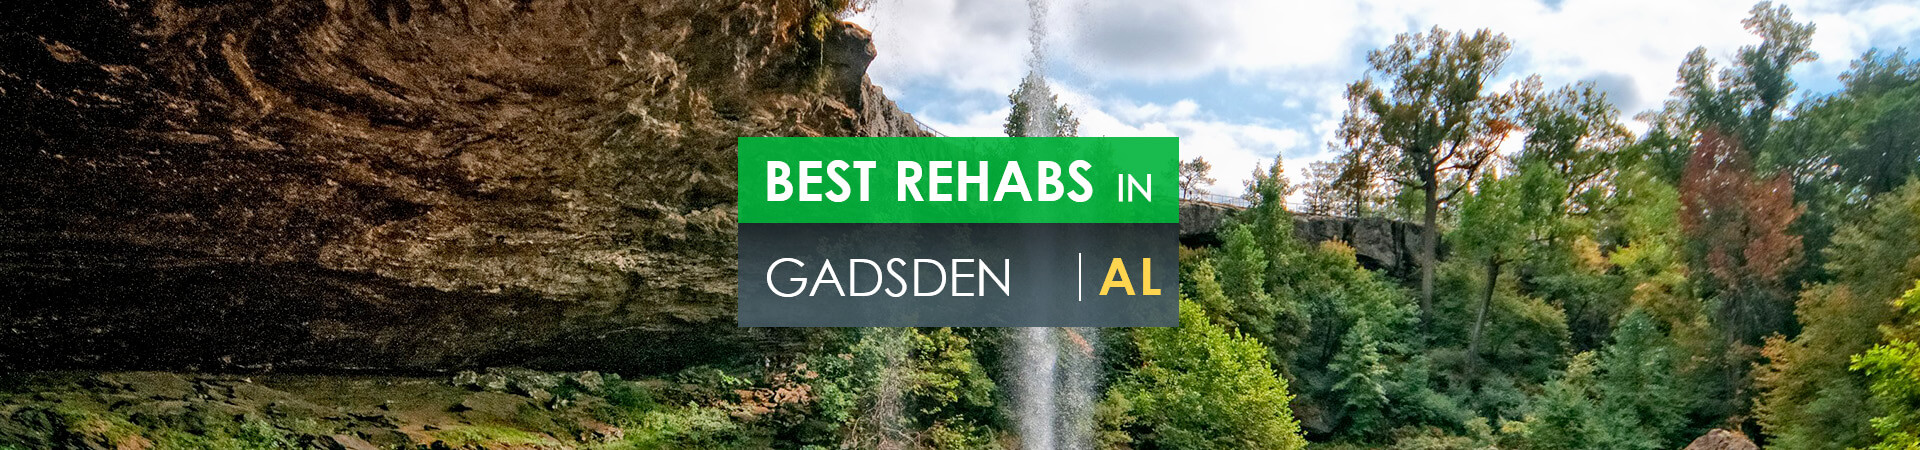 Best rehabs in Gadsden, AL